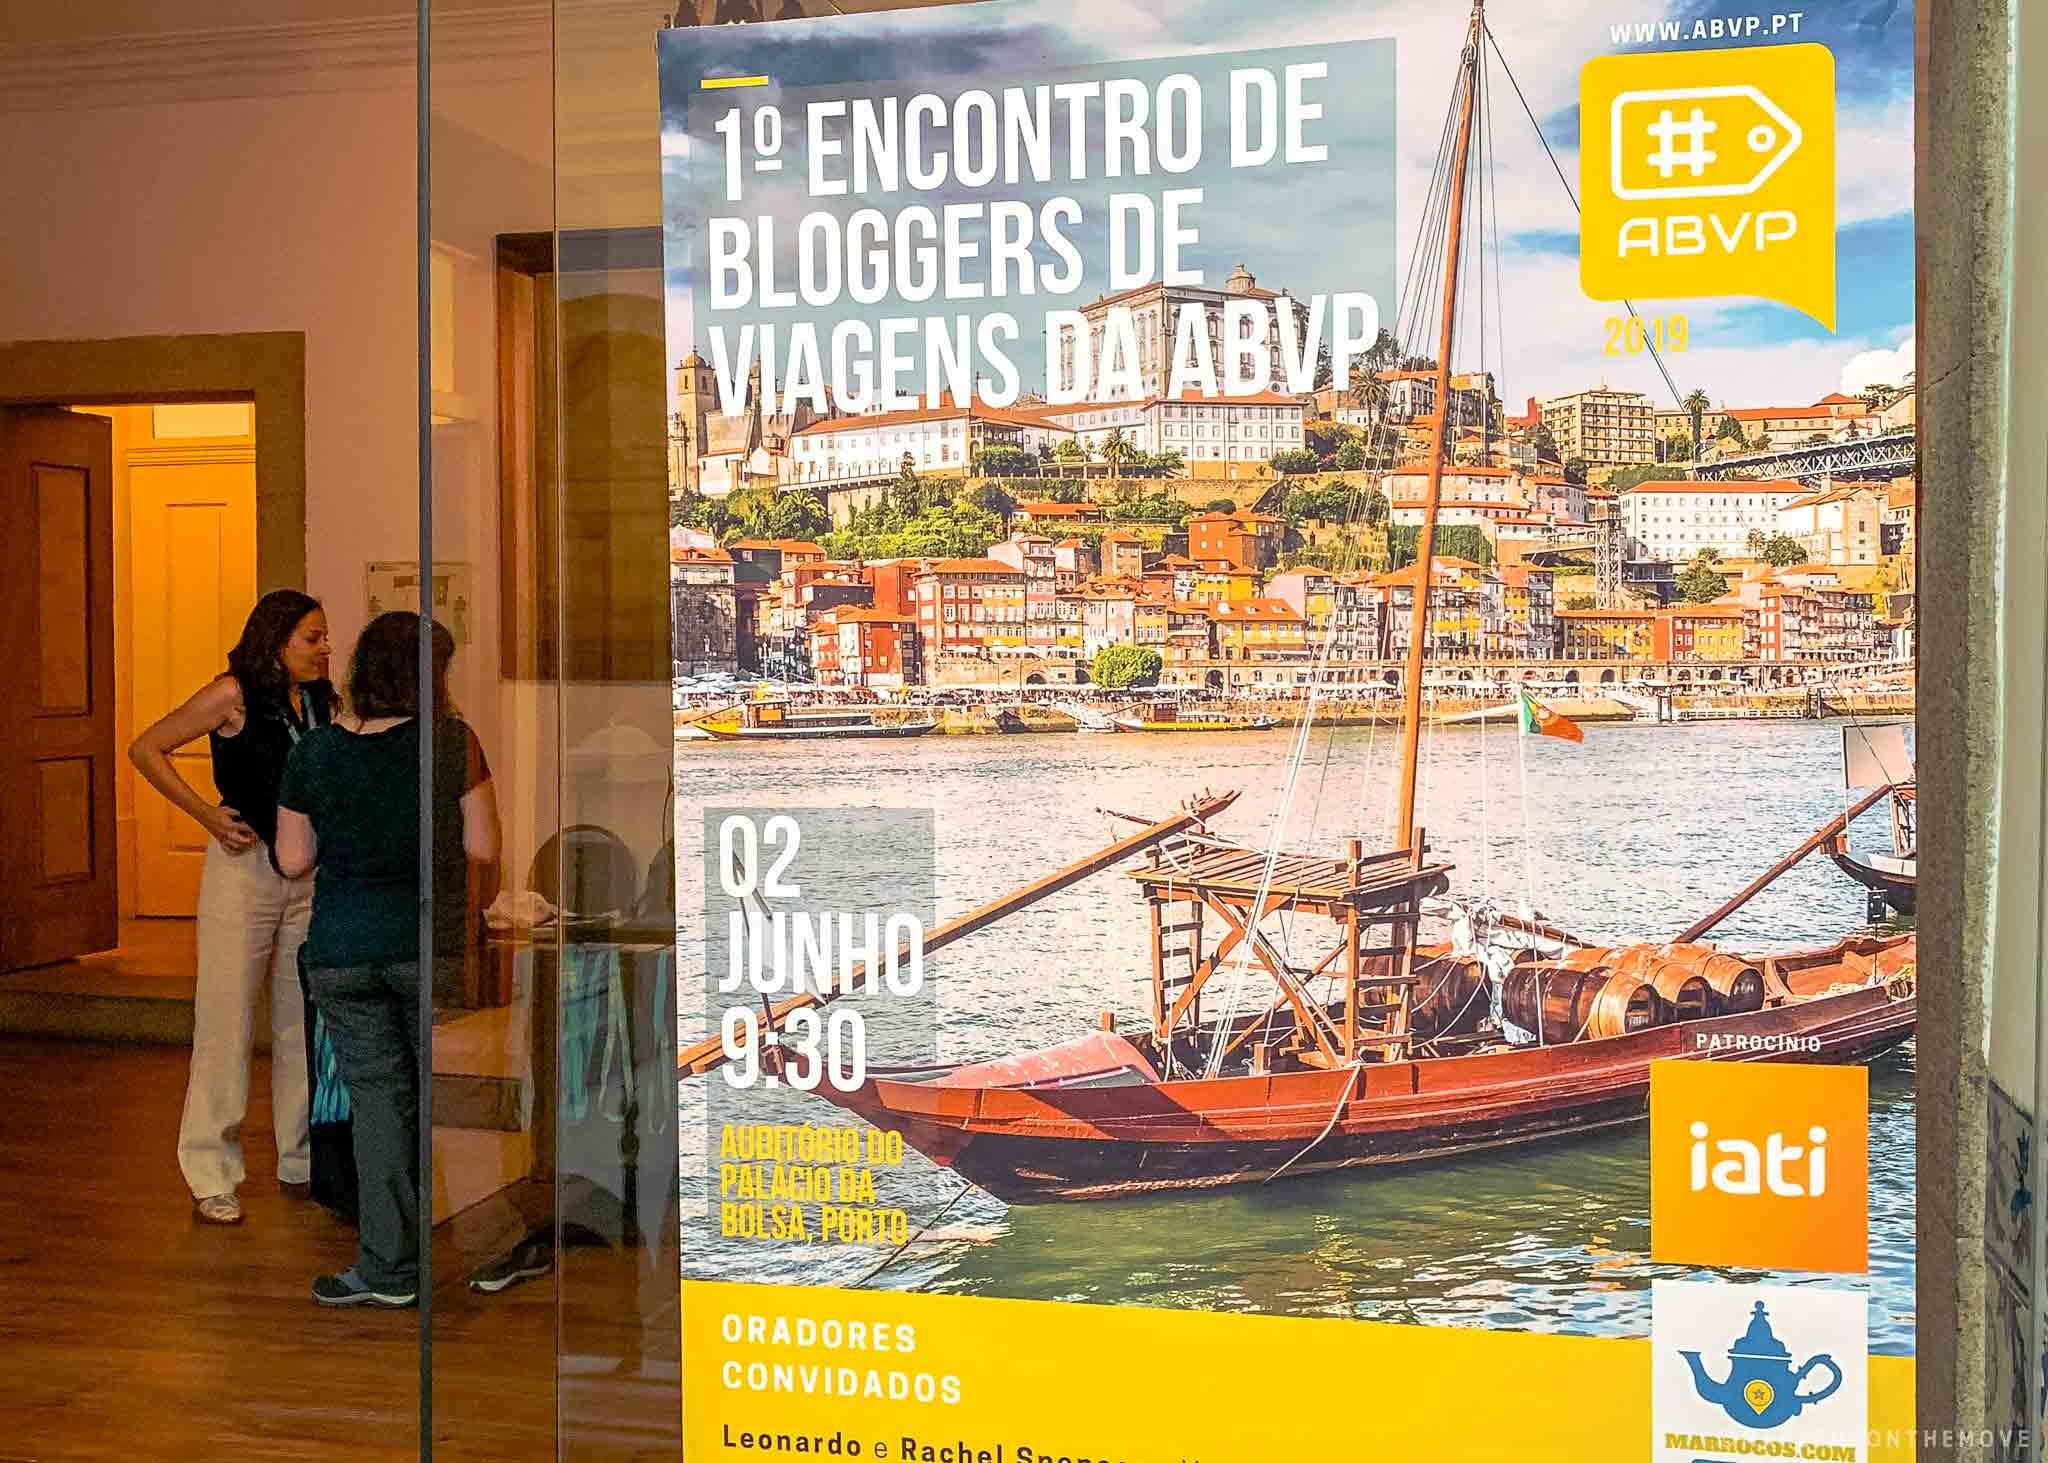 Encontro da ABVP Associação de Bloggers de Viagens Portugueses